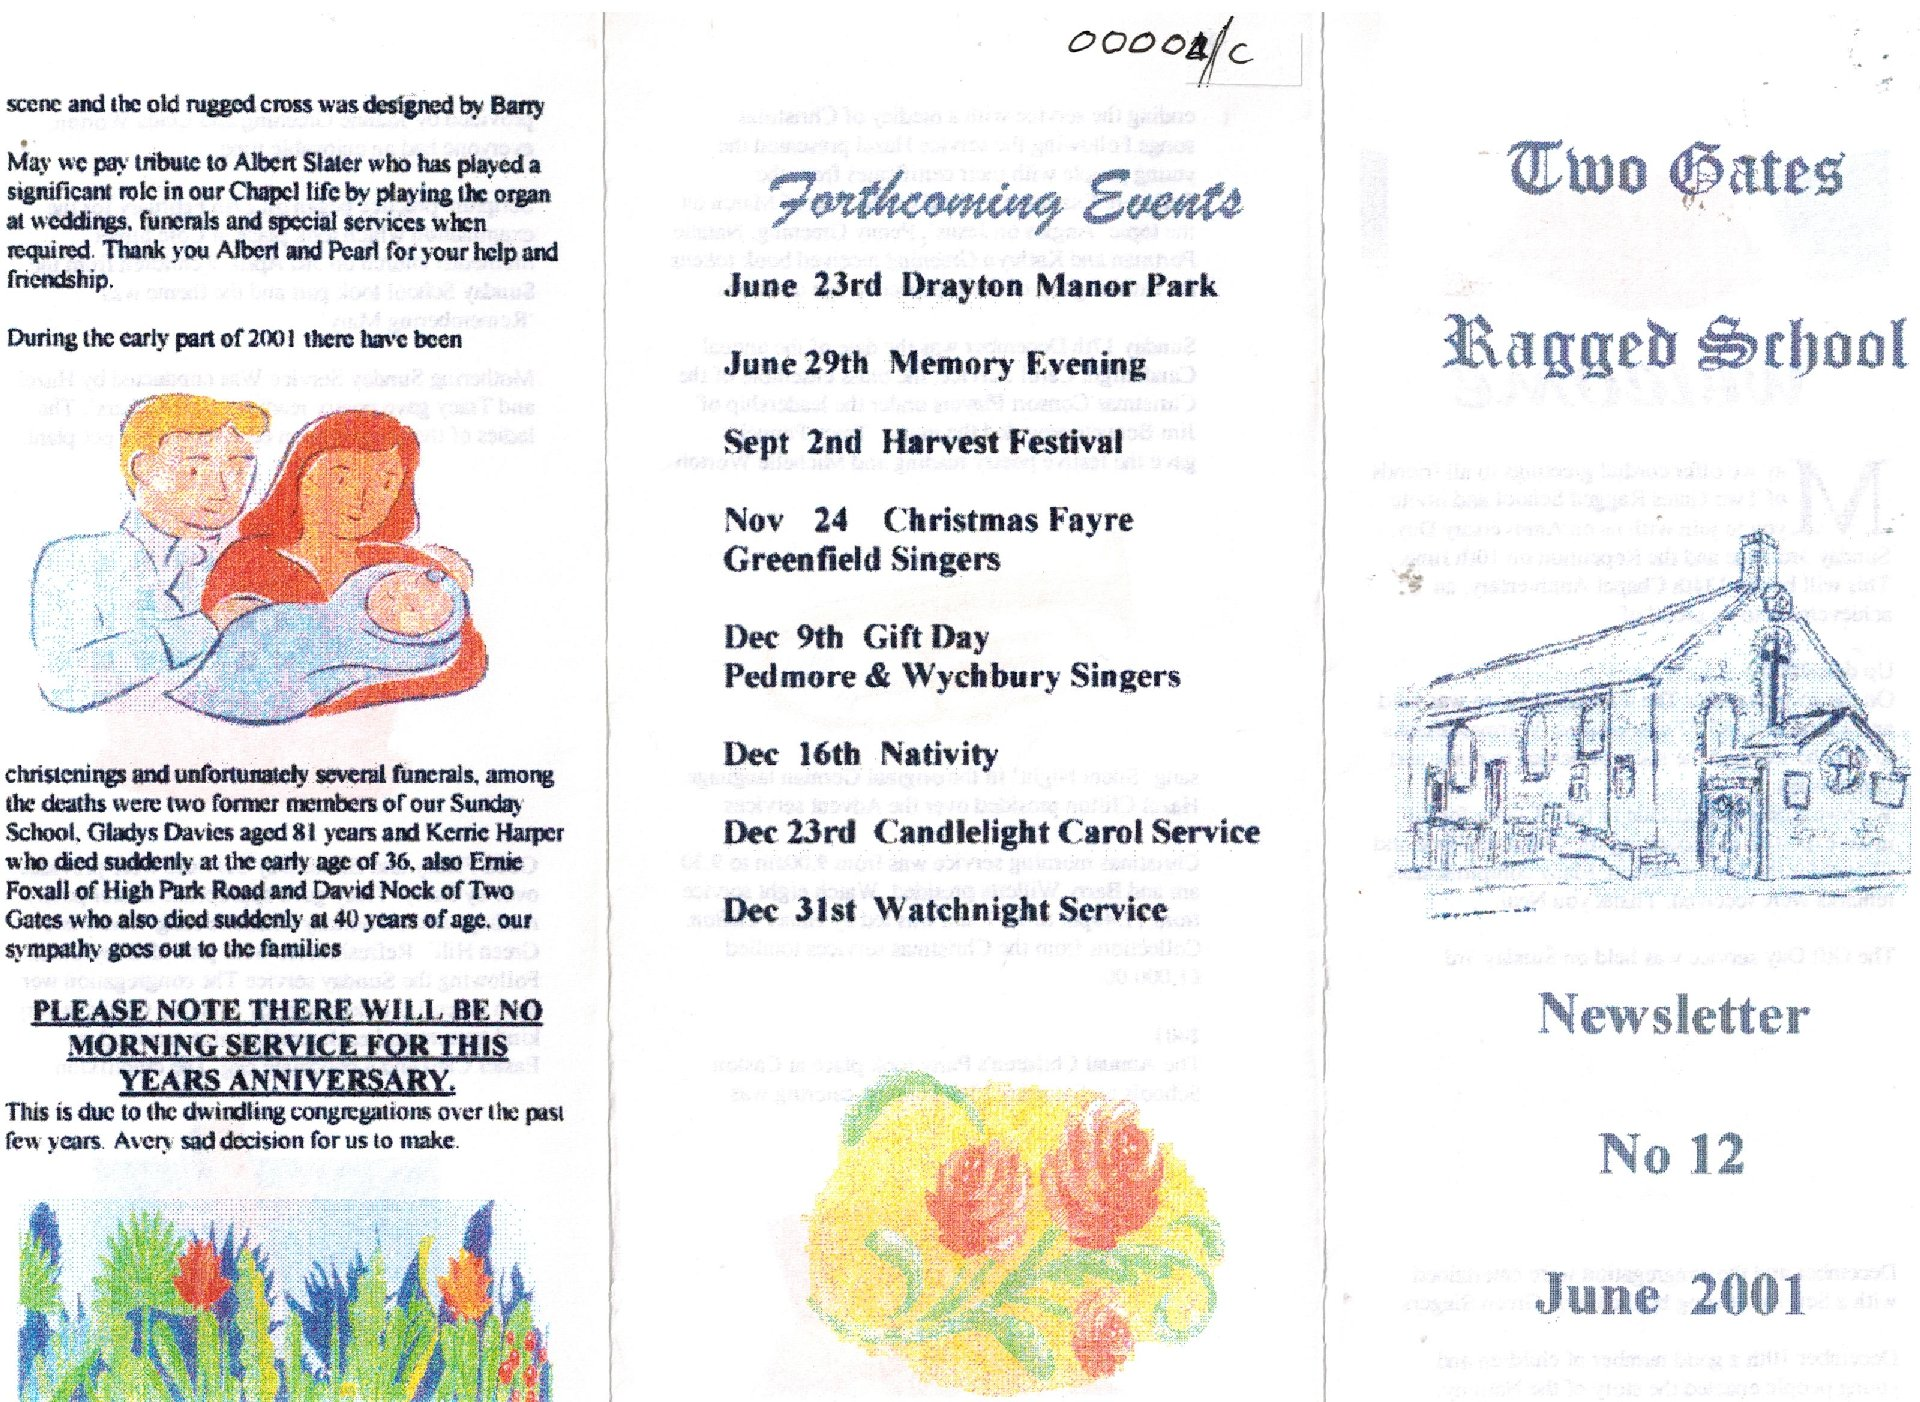 J012a_Newsletter_12_[Jun-2001]